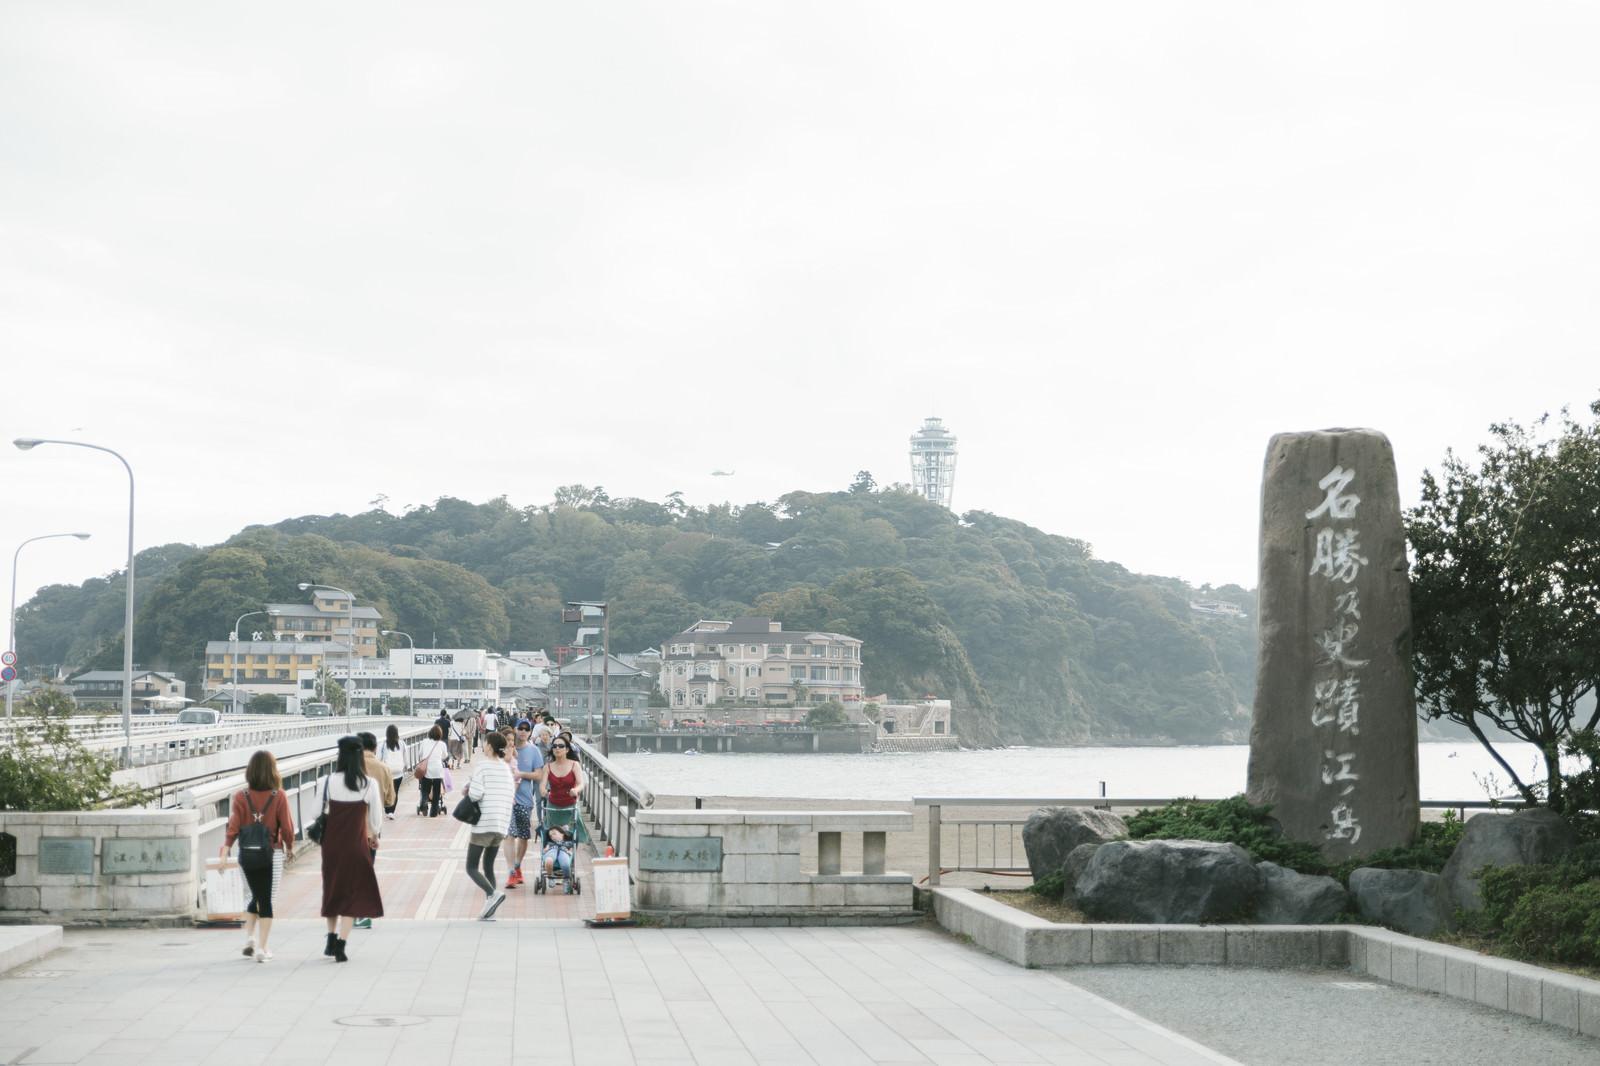 「江ノ島大橋と観光客の往来江ノ島大橋と観光客の往来」のフリー写真素材を拡大